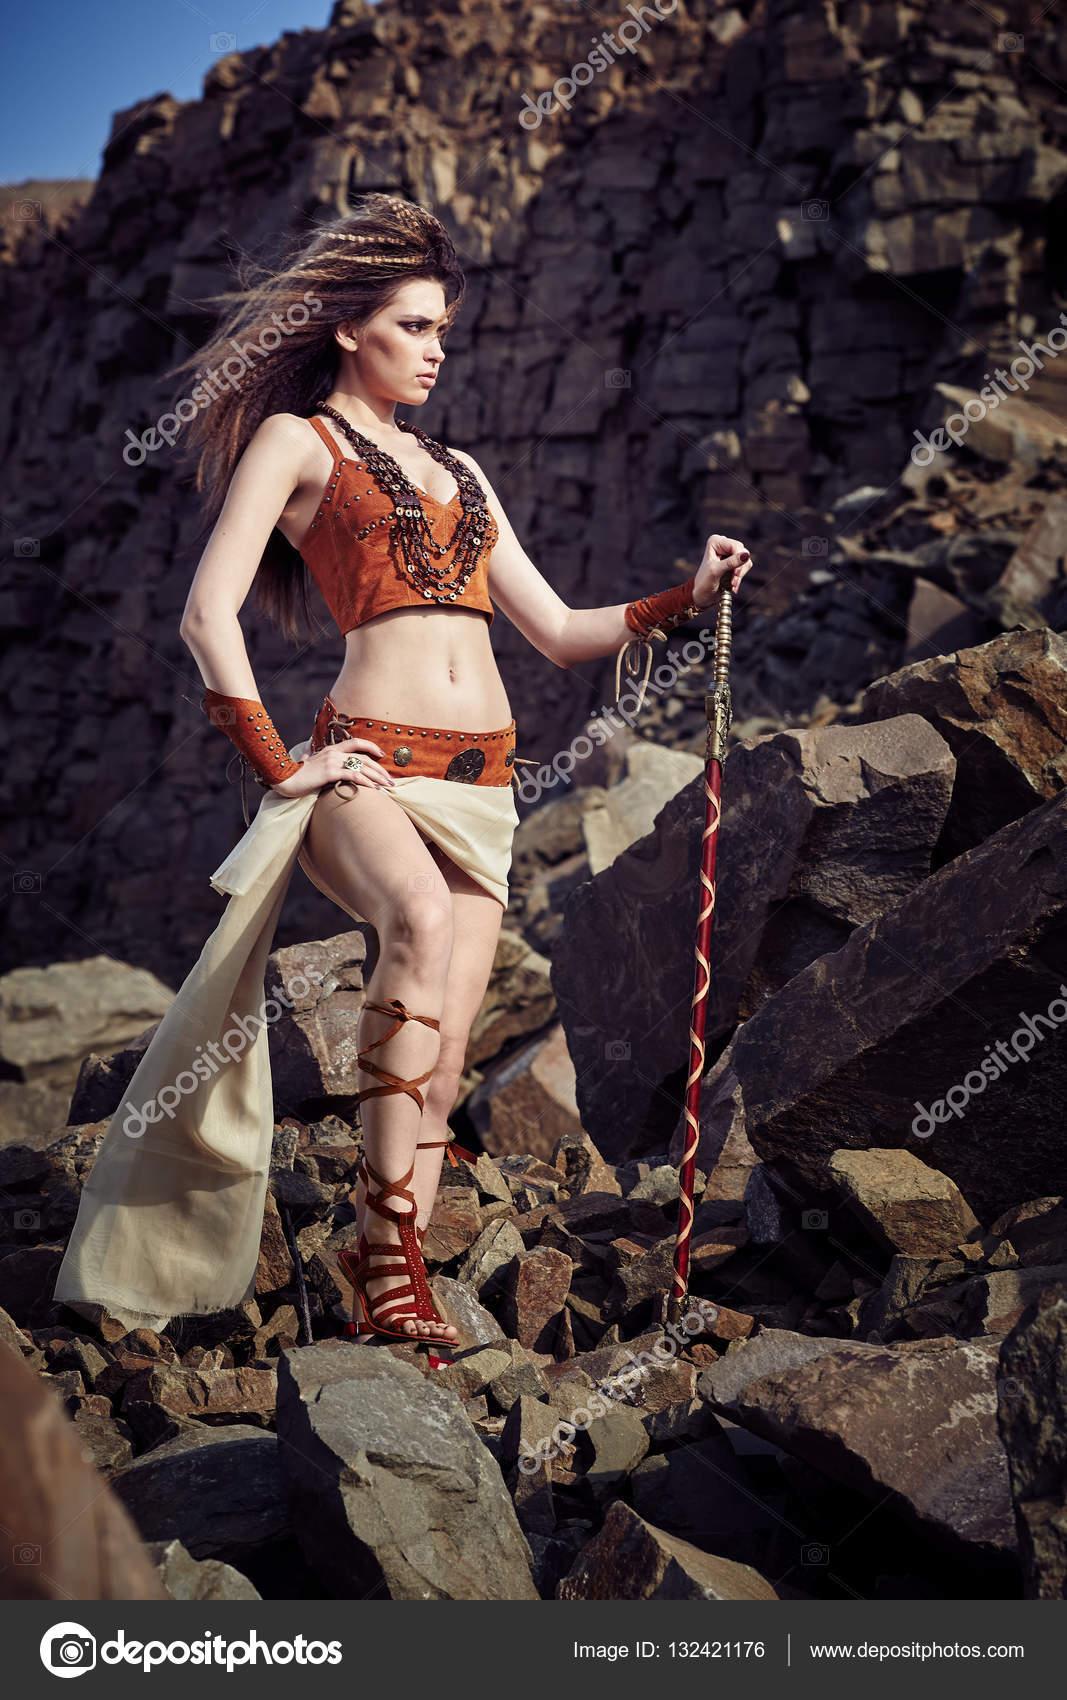 Раза кончил имена актрис амазонки предпочитают викингов